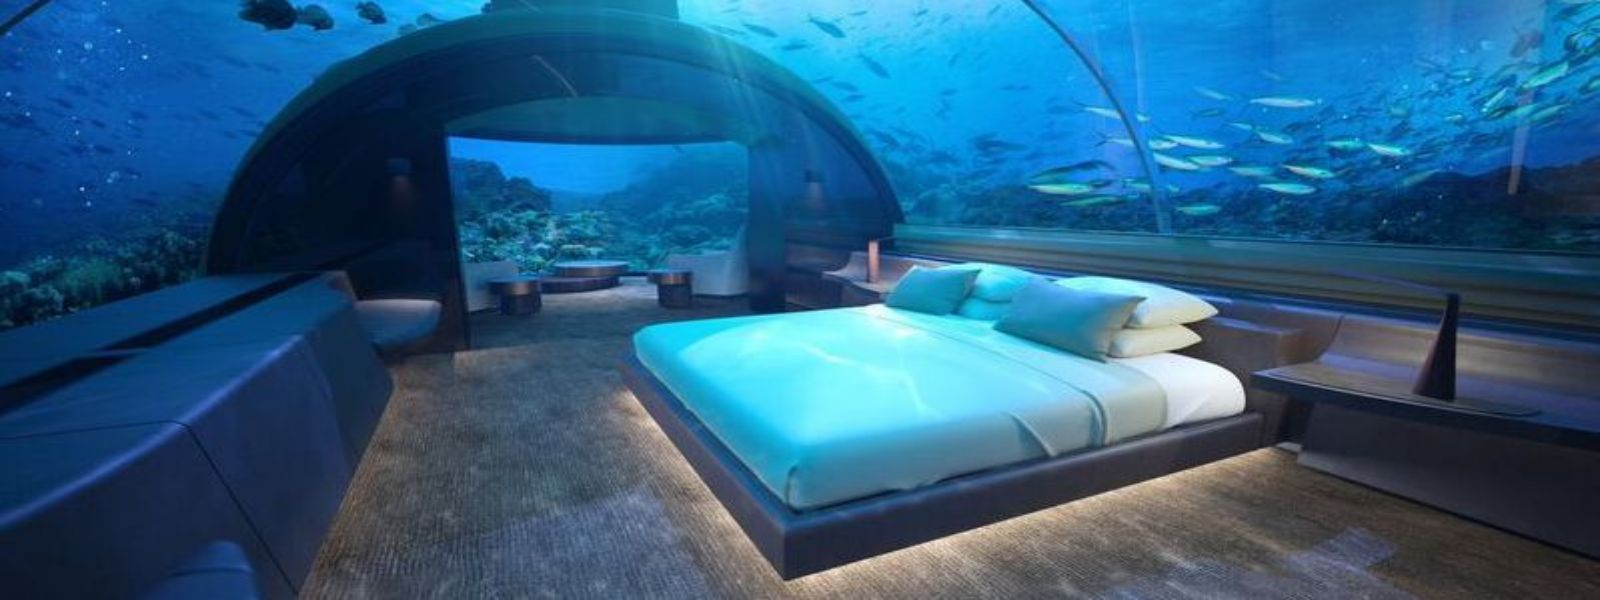 The Muraka - Schlafzimmer der Unterwasser Suite -Conrad Maldives Rangali Island